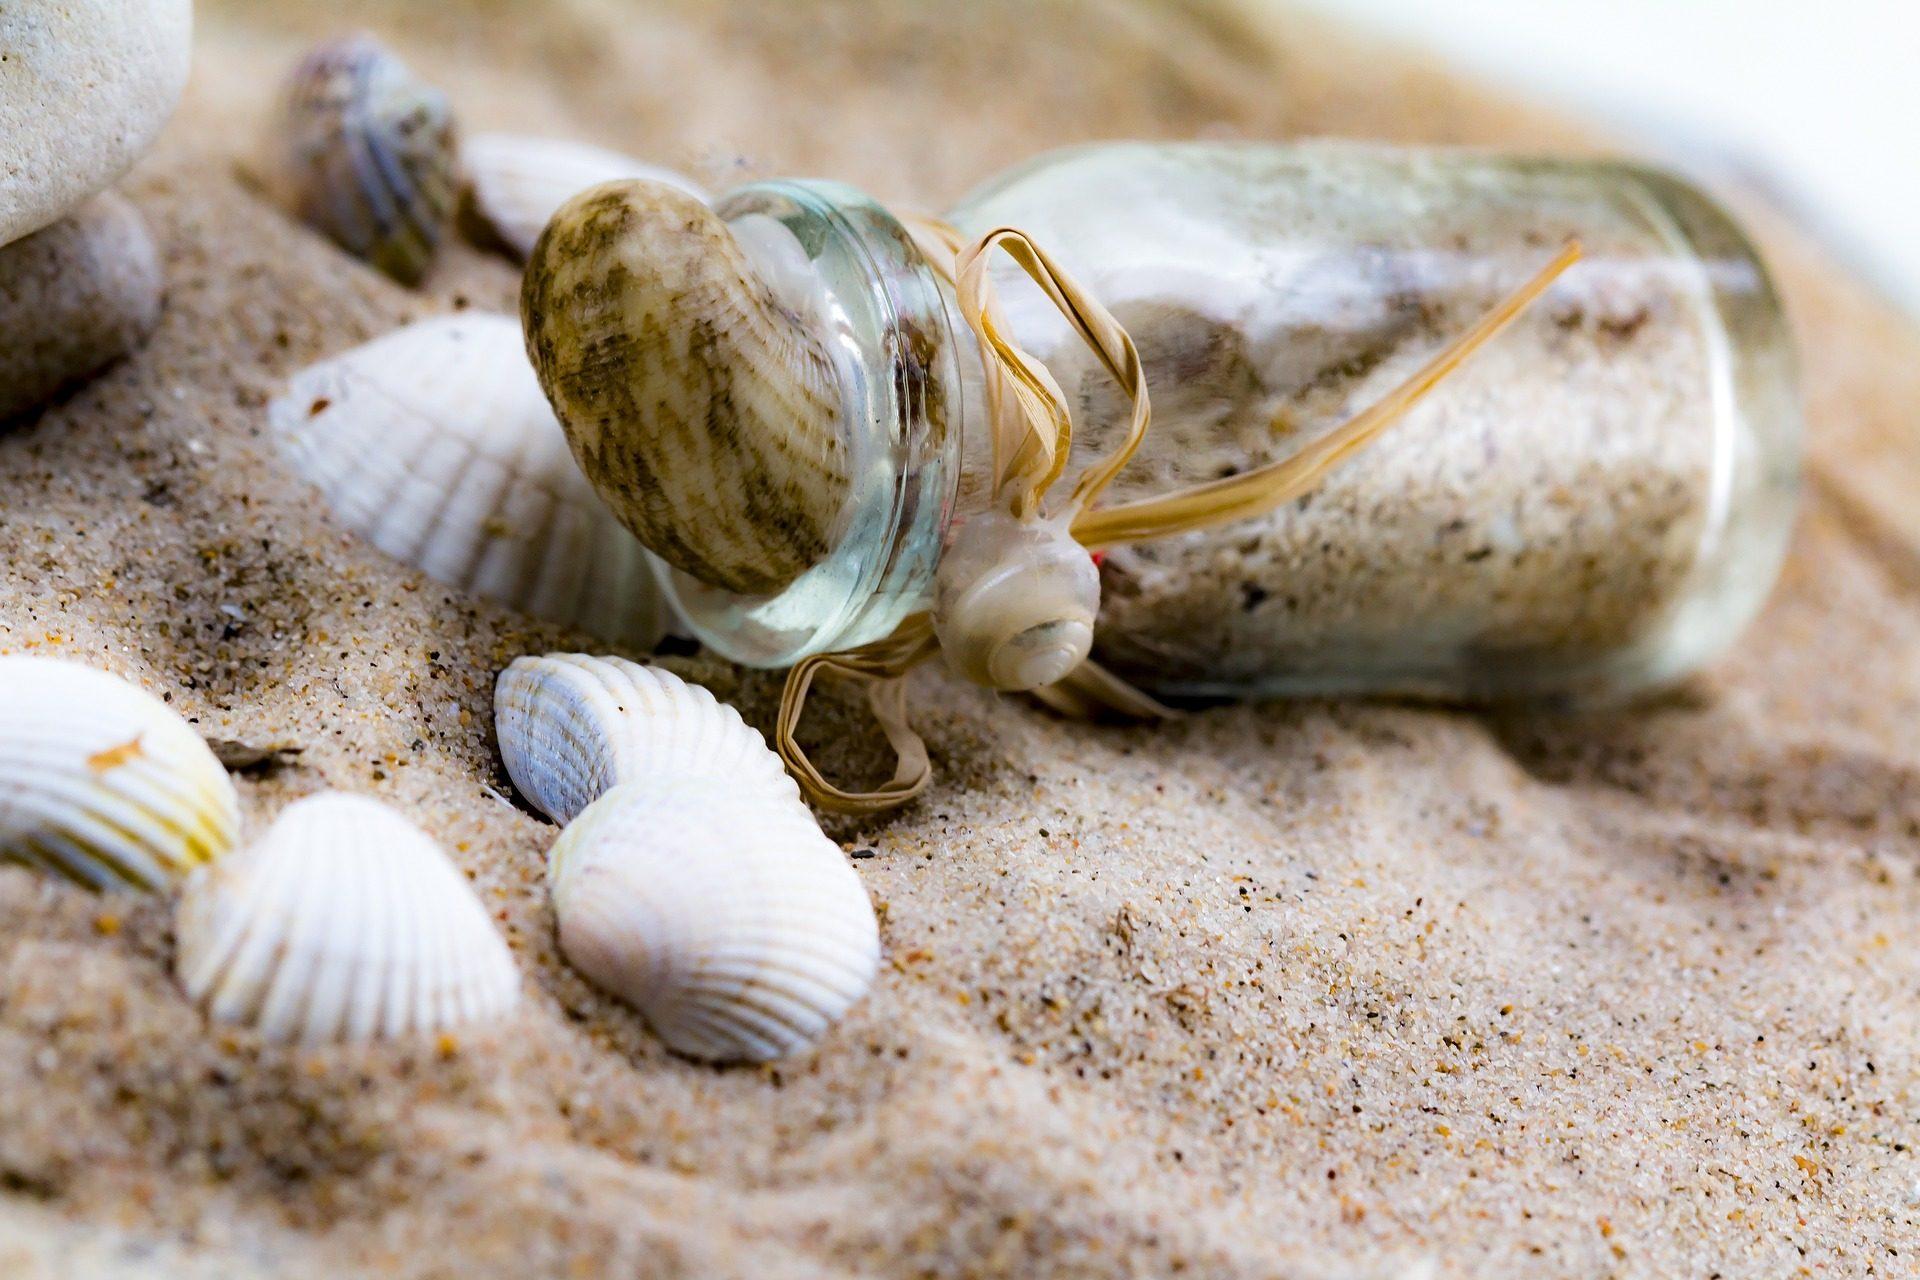 areia, conchas, garrafa, barco, Praia, conchas do mar - Papéis de parede HD - Professor-falken.com